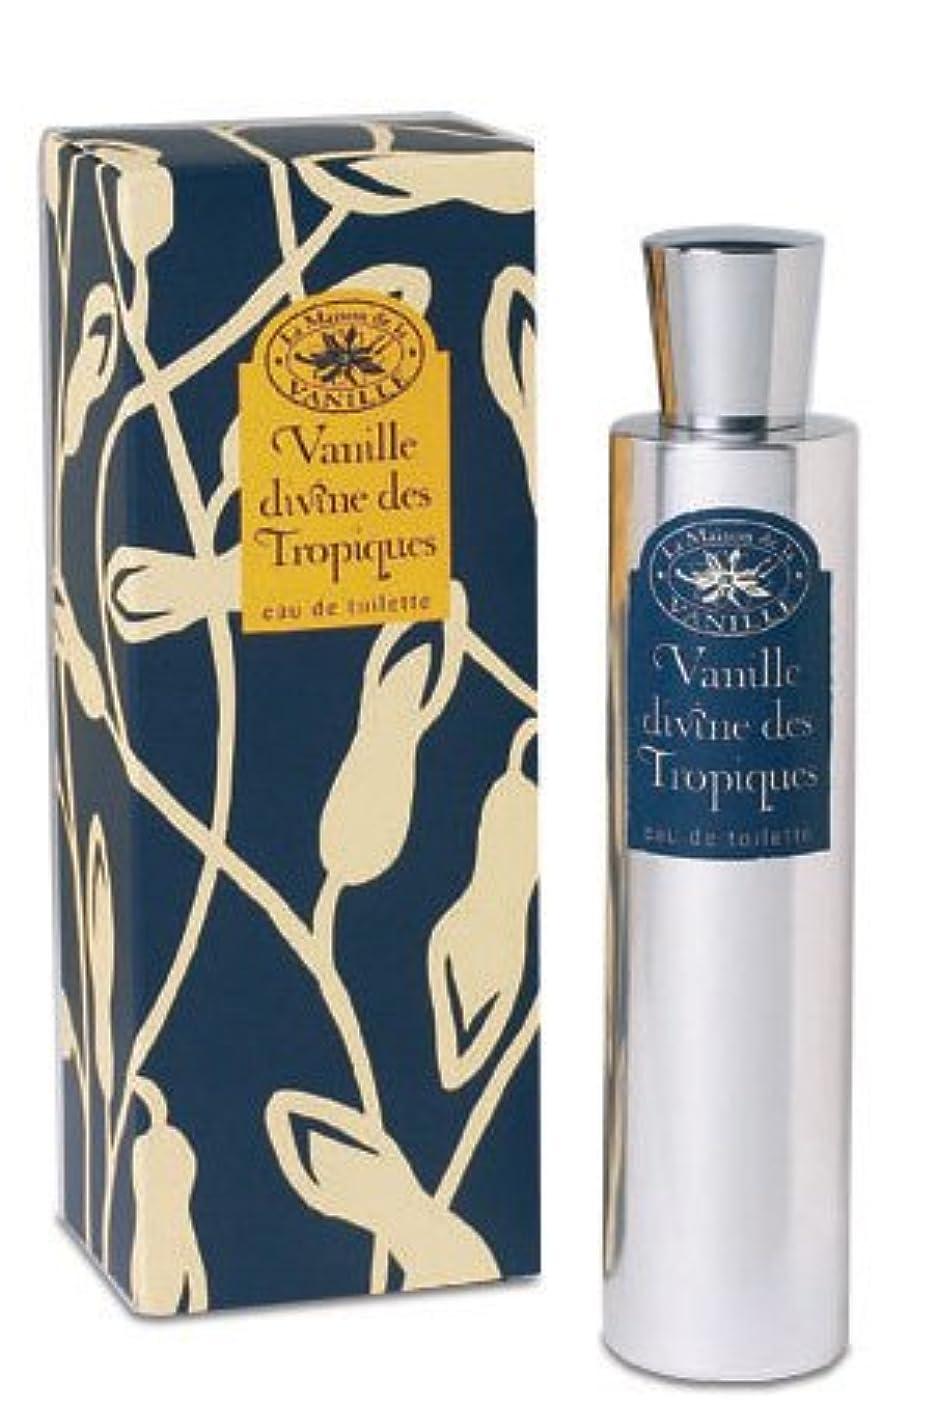 アクティブ代わりの災害Vanille Divine des Tropiques (ヴァニラ ディバイン デ トロピーク) 3.4 oz (100ml) EDT Spray